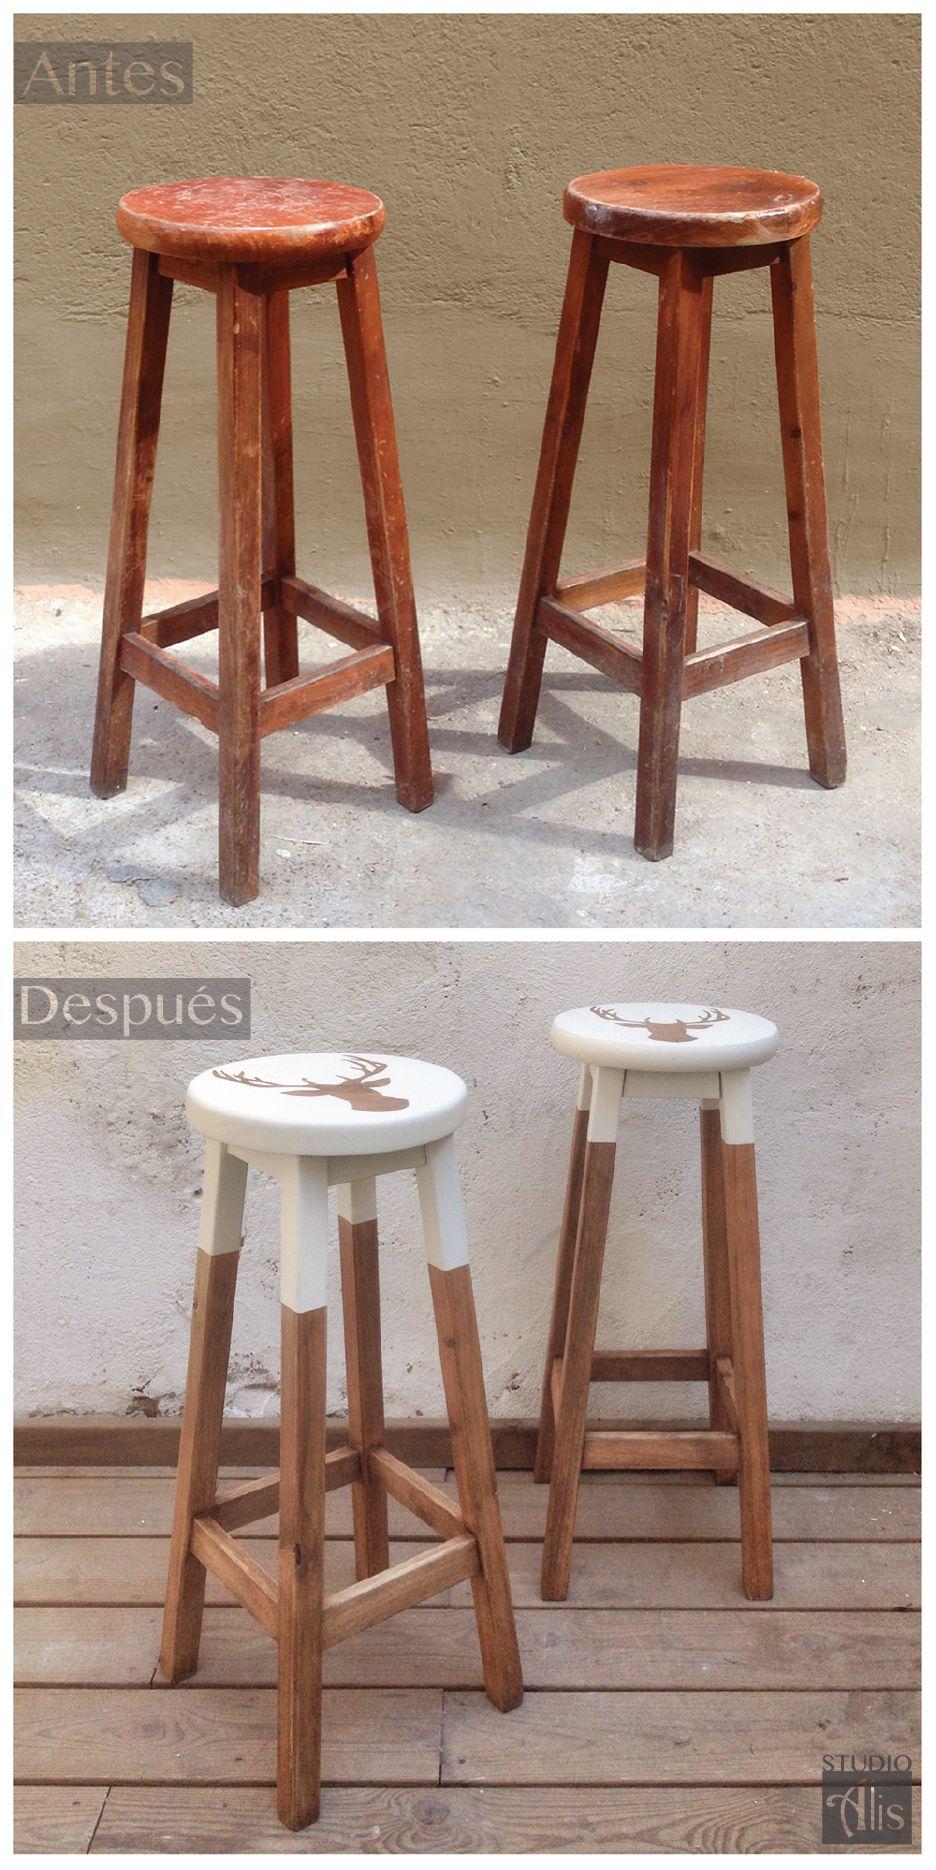 El antes y despu s de este mes diciembre wincho y - Studio barcelona muebles ...